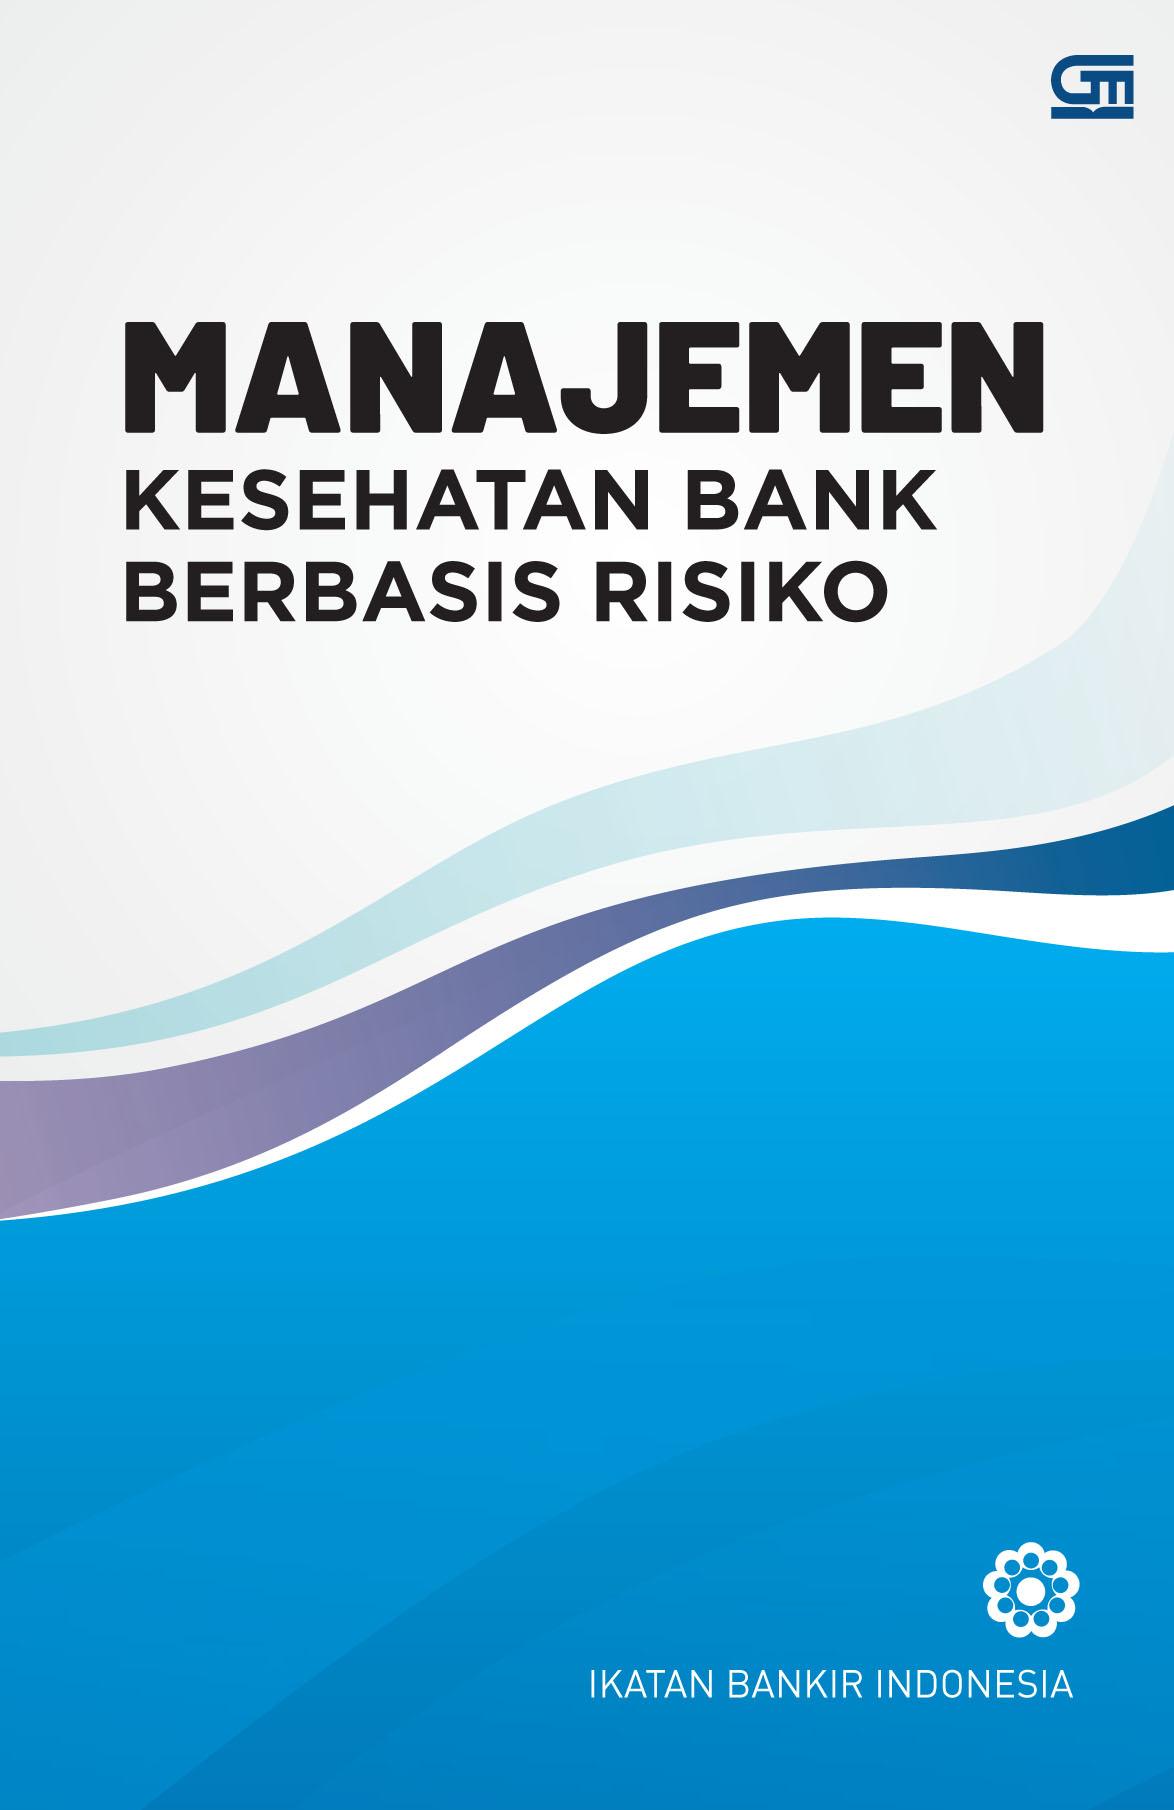 Manajemen Kesehatan Bank Berbasis Risiko (Cetak Ulang Cover Baru)